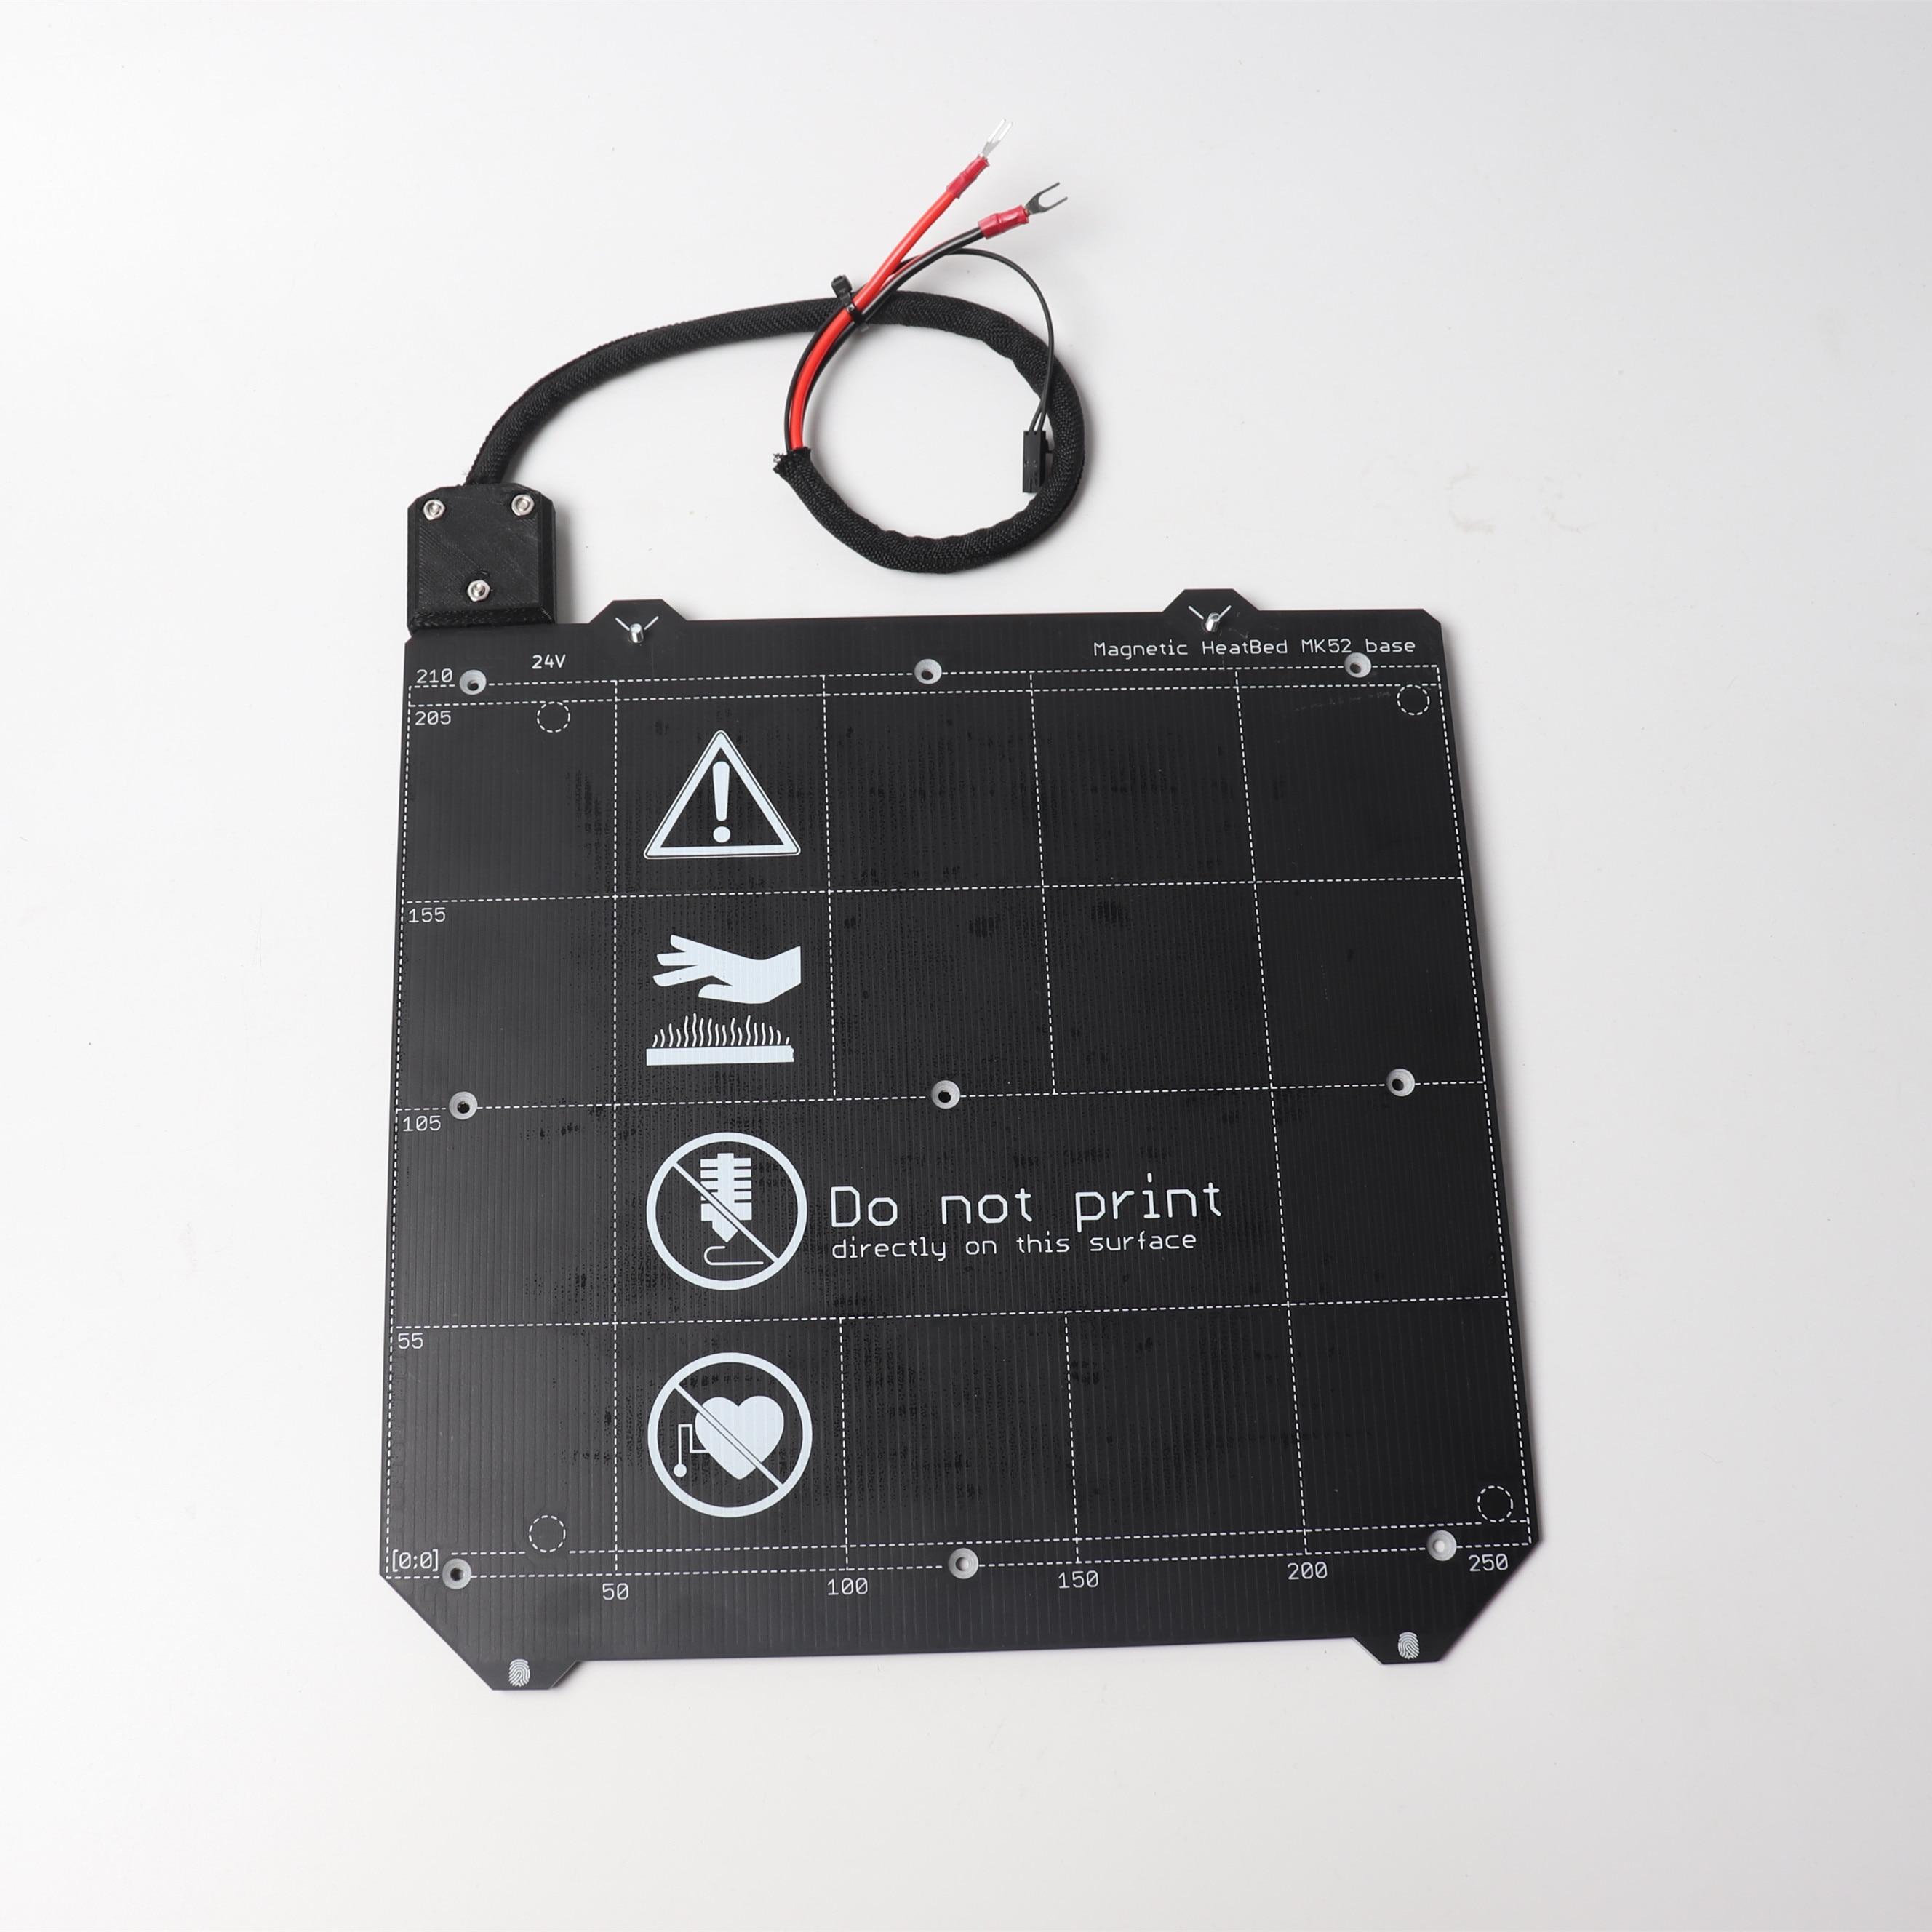 Prusa i3 MK3/MK3S 3d impressora de cama aquecida MK52 24 V montado, N35UH ímãs, cabo de alimentação, termistor, manga têxtil